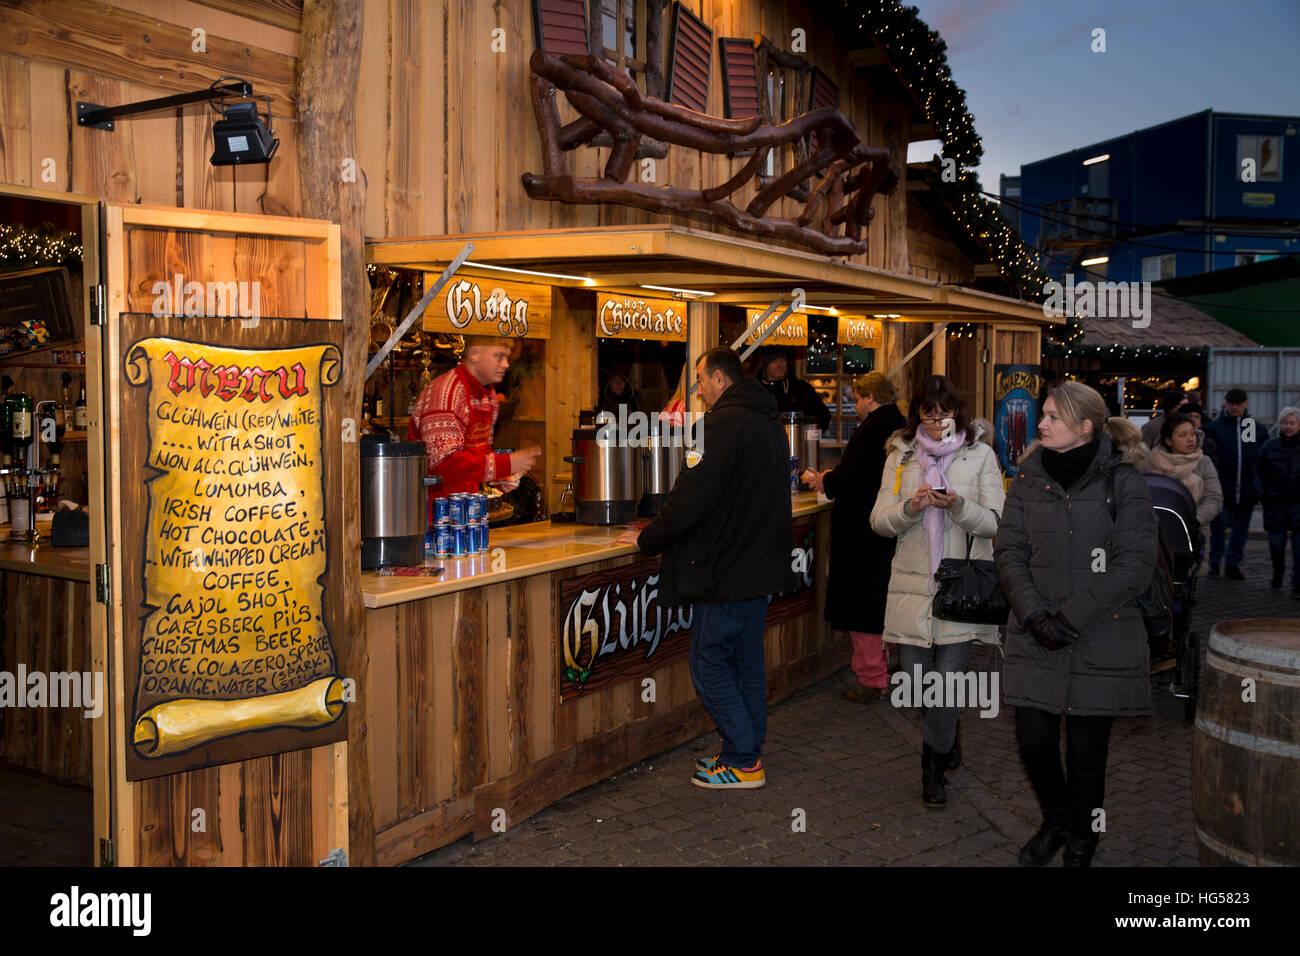 Denmark, Copenhagen, Kongens Nytorv, visitors amongst Christmas Market stalls - Stock Image